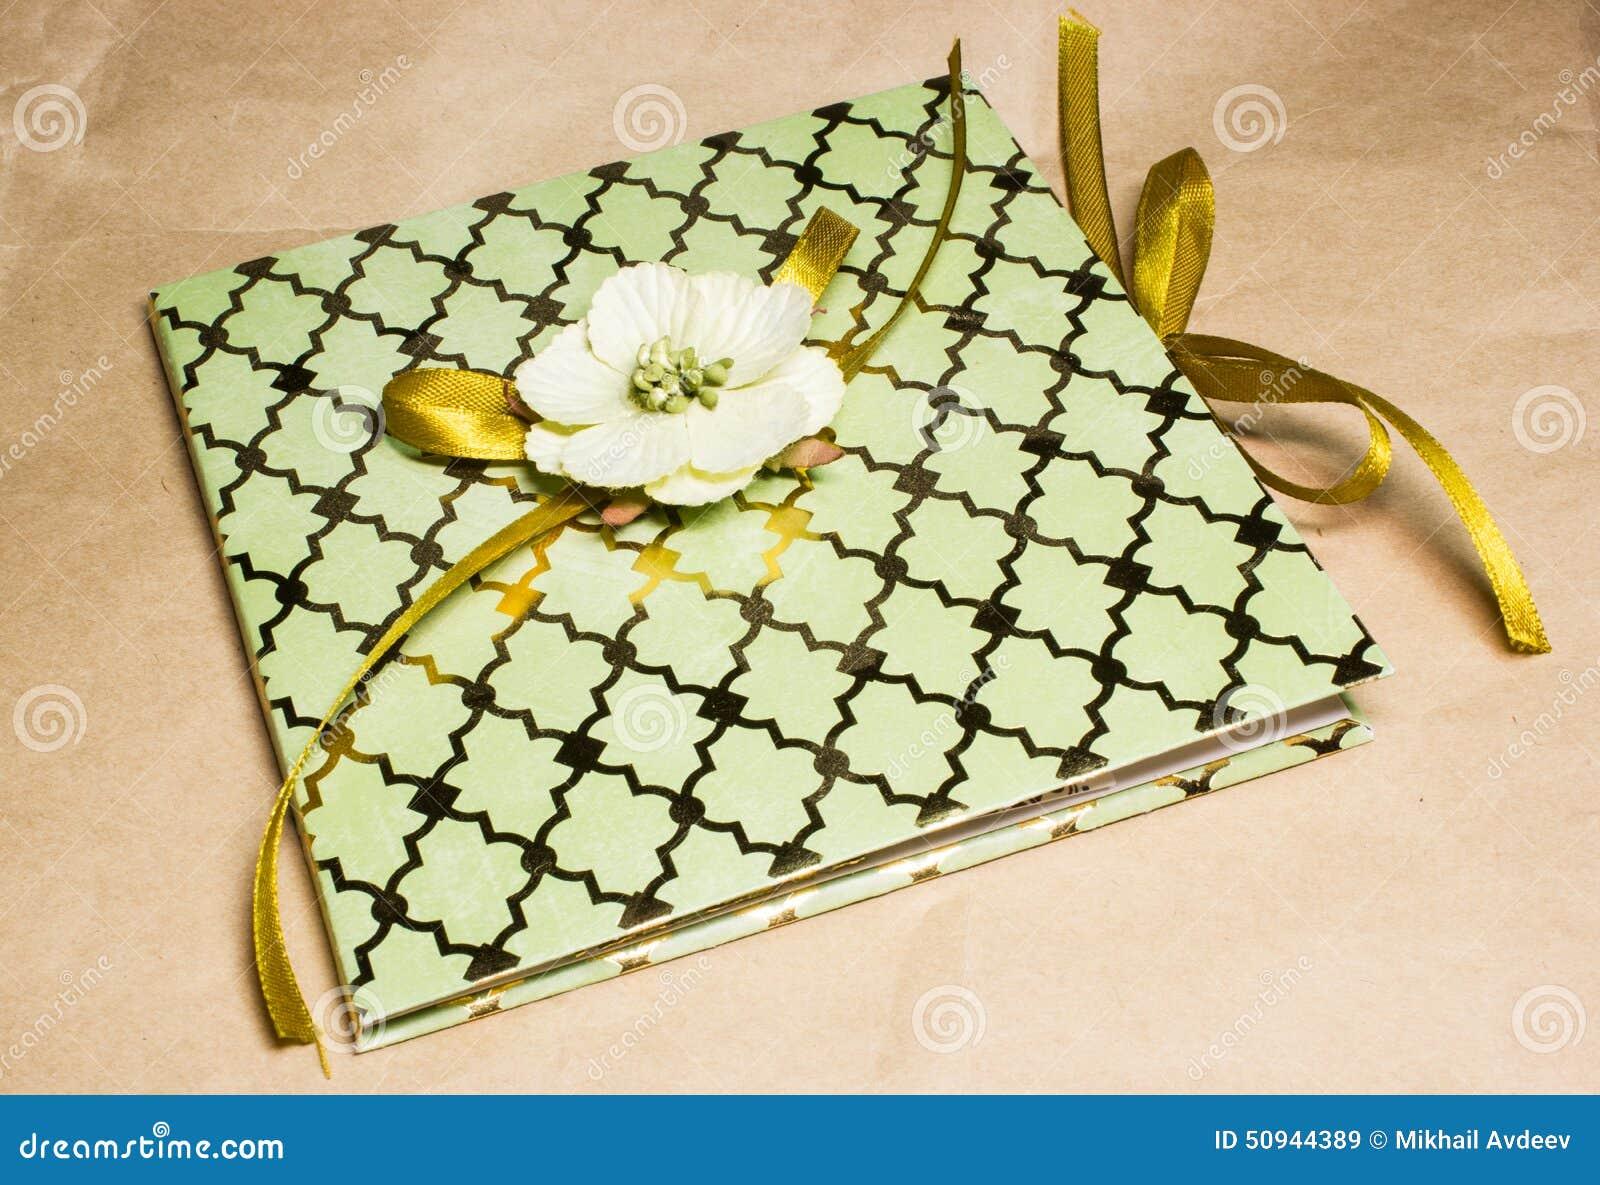 Винтажная карточка приглашения для wedding или дня рождения